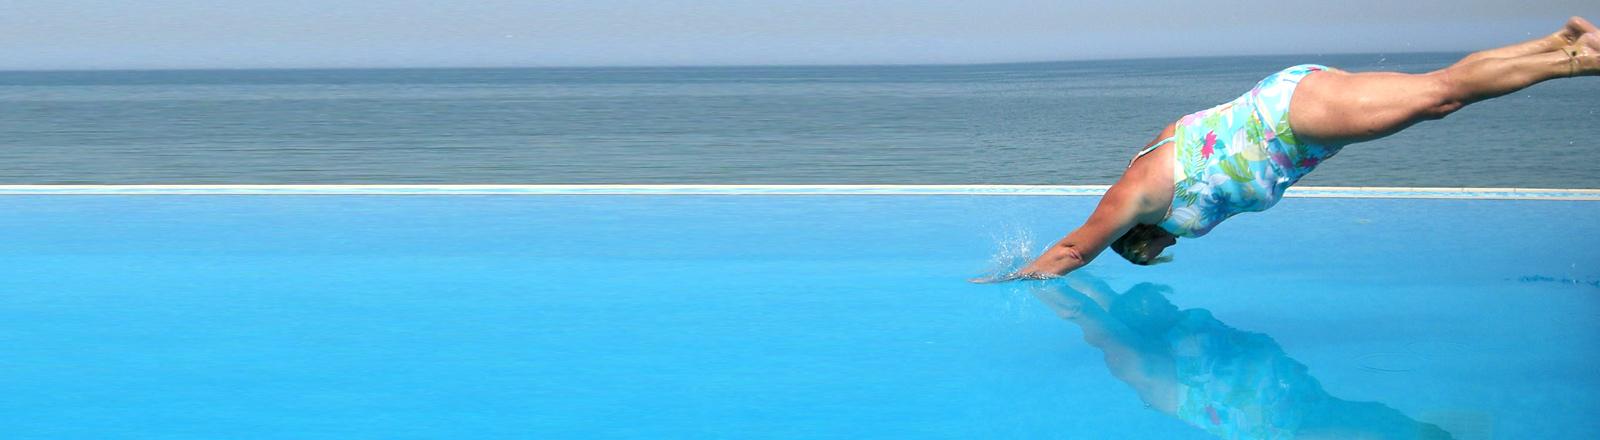 Eine Frau springt in einen Pool.